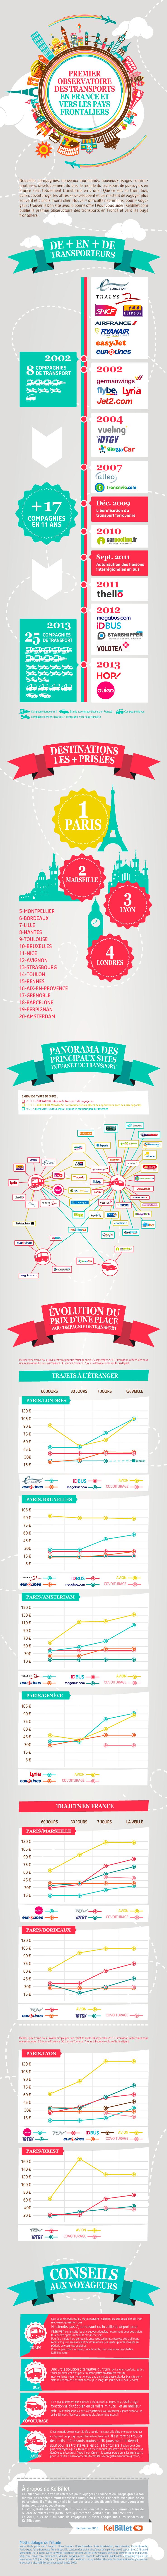 Infographie-Observatoire des transports